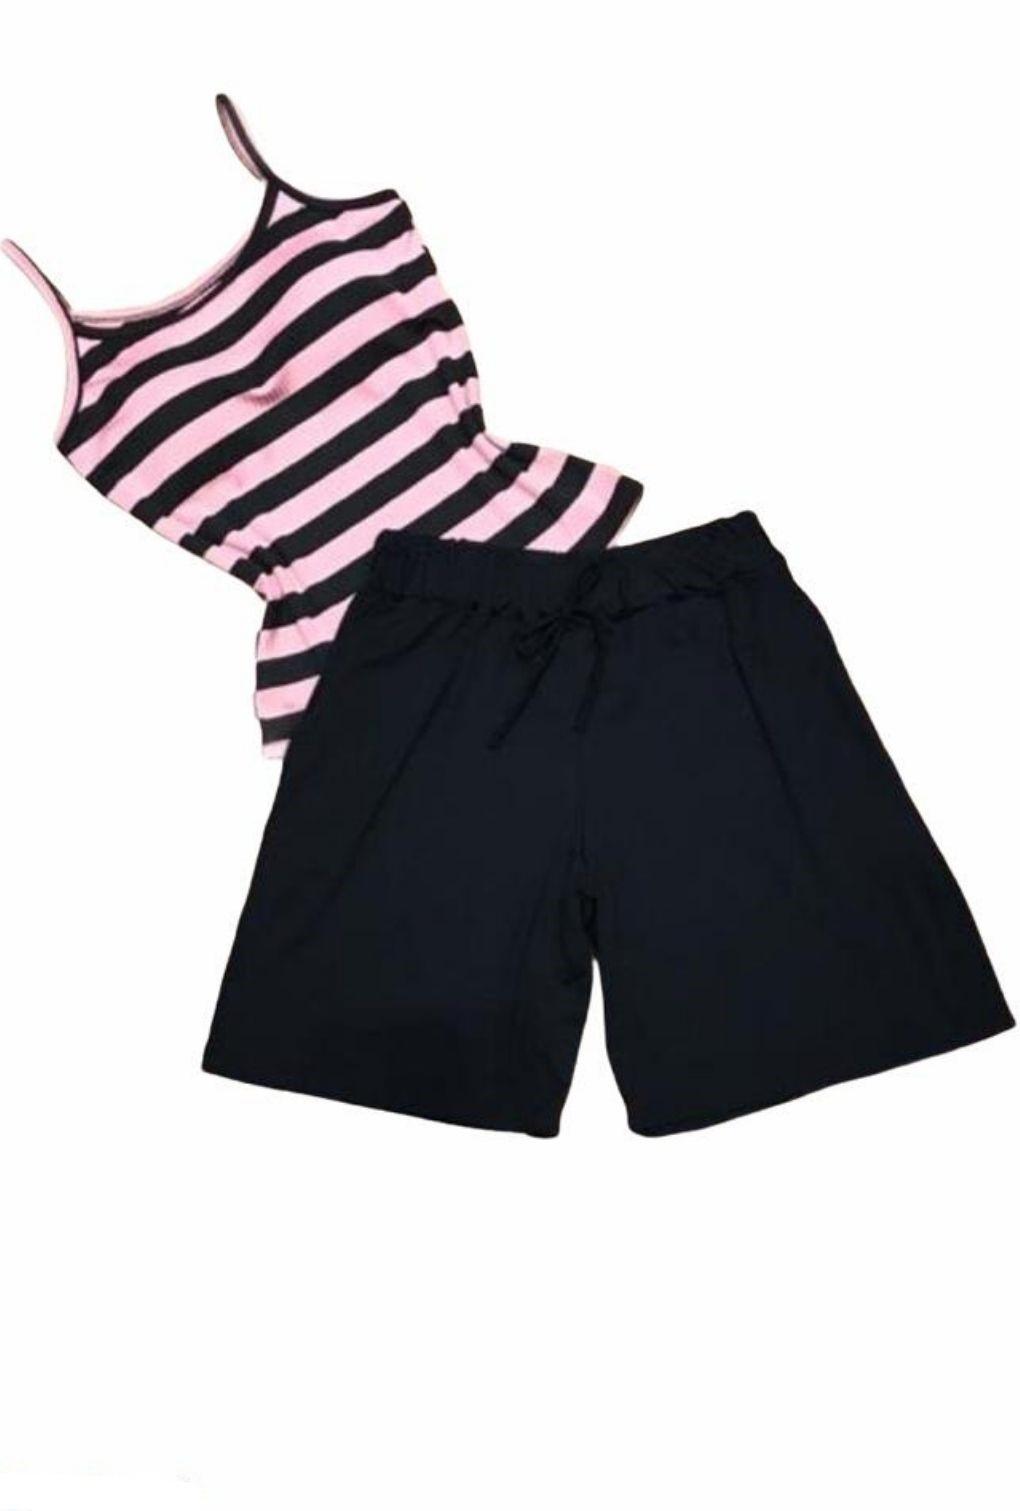 Shorts Básico Feminino Preto  - ModaStore | Moda Feminina